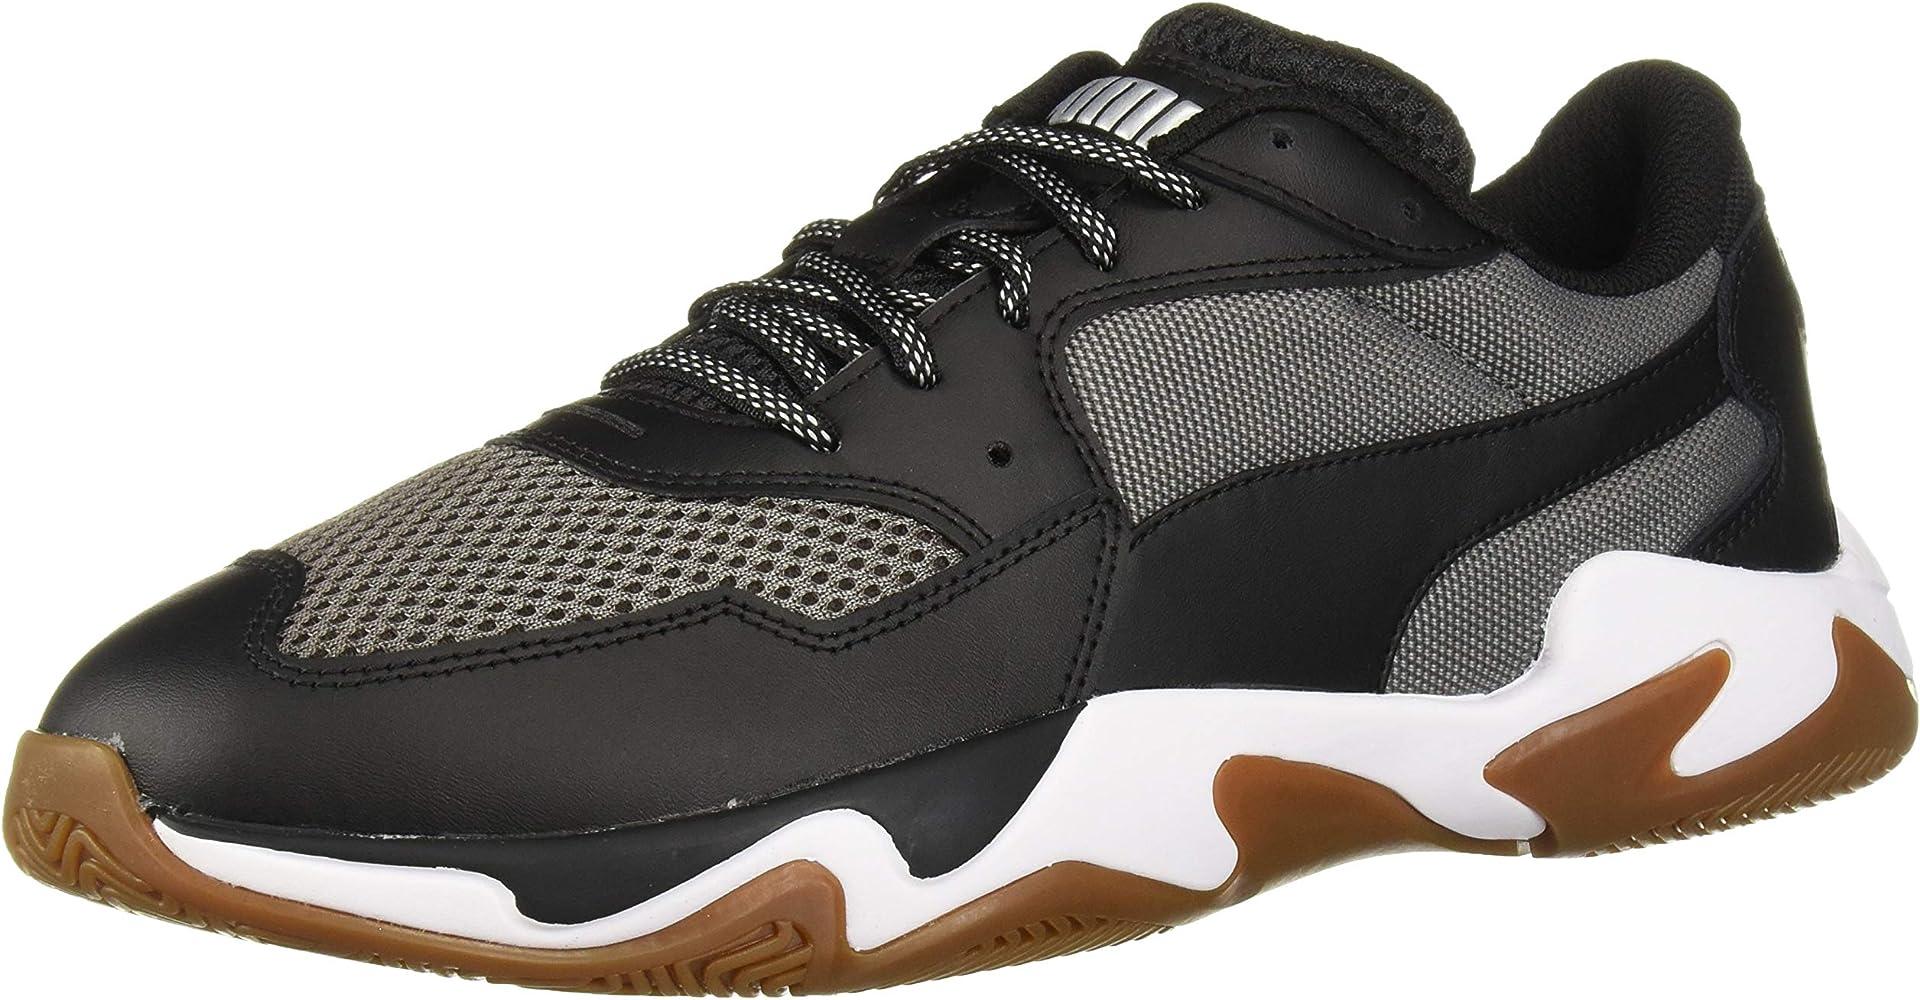 PUMA Men's Storm Pulse Sneaker, Black